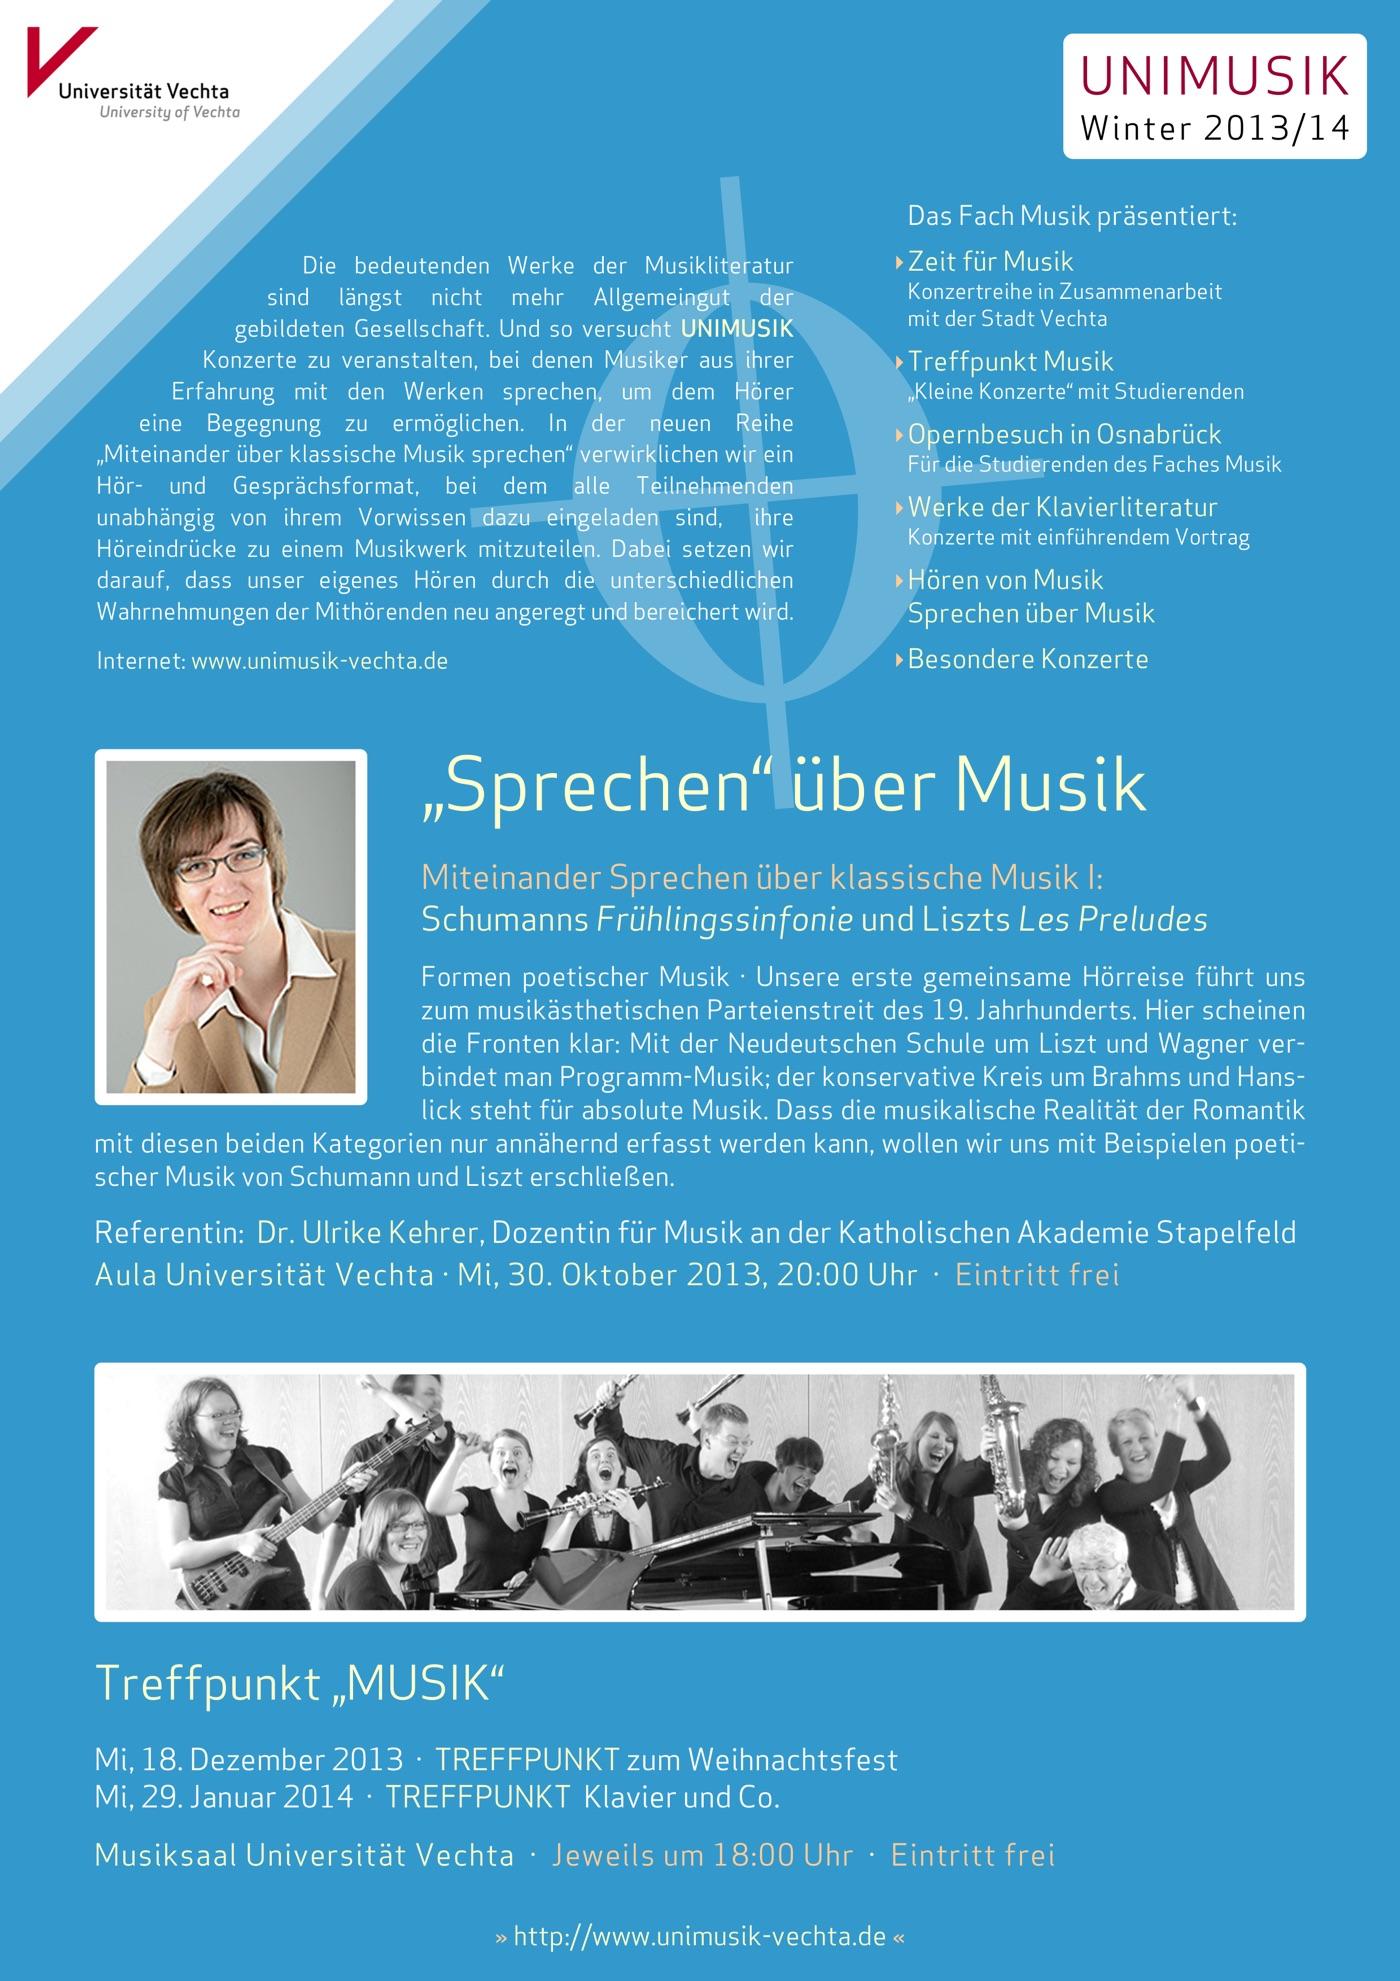 Flyer (Rückseite) und Plakat · UNIMUSIK · Winter 2013/14